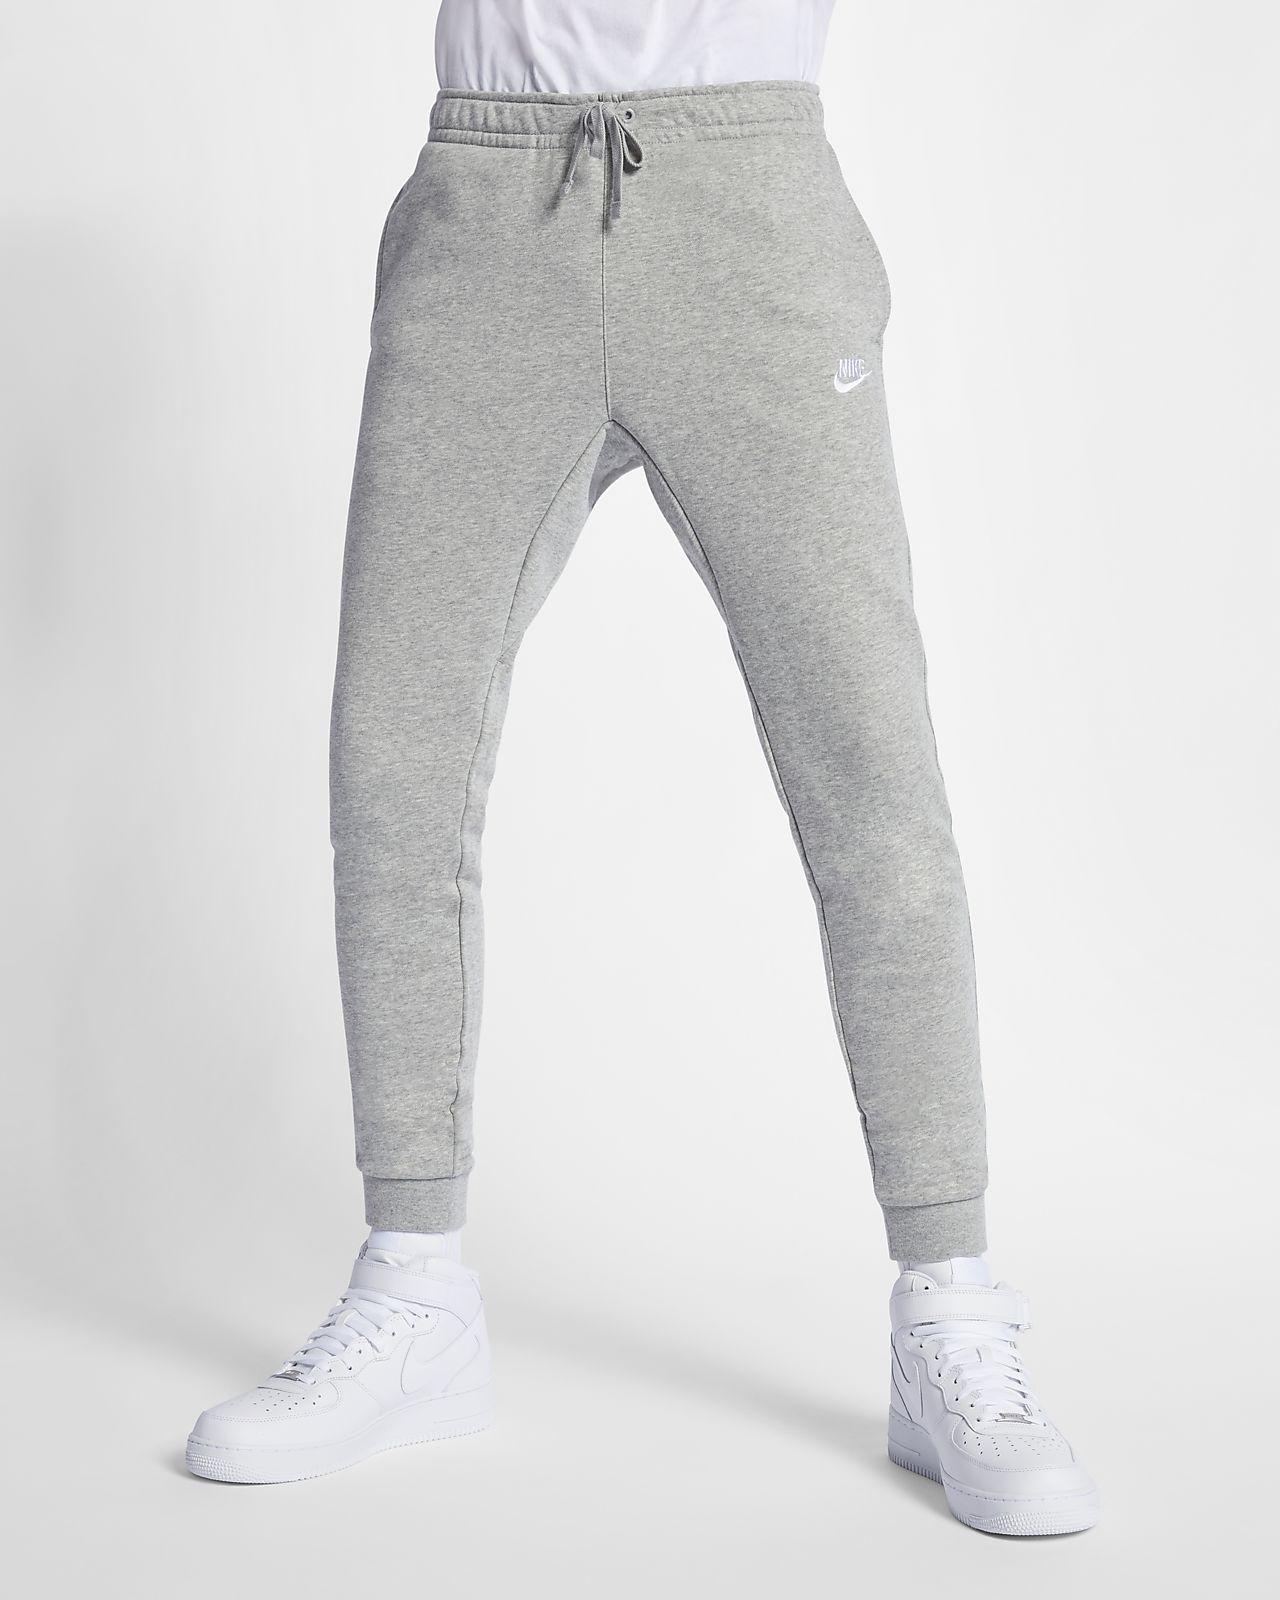 f6ca8f58bcc8 Nike Sportswear Men s Joggers. Nike.com ZA